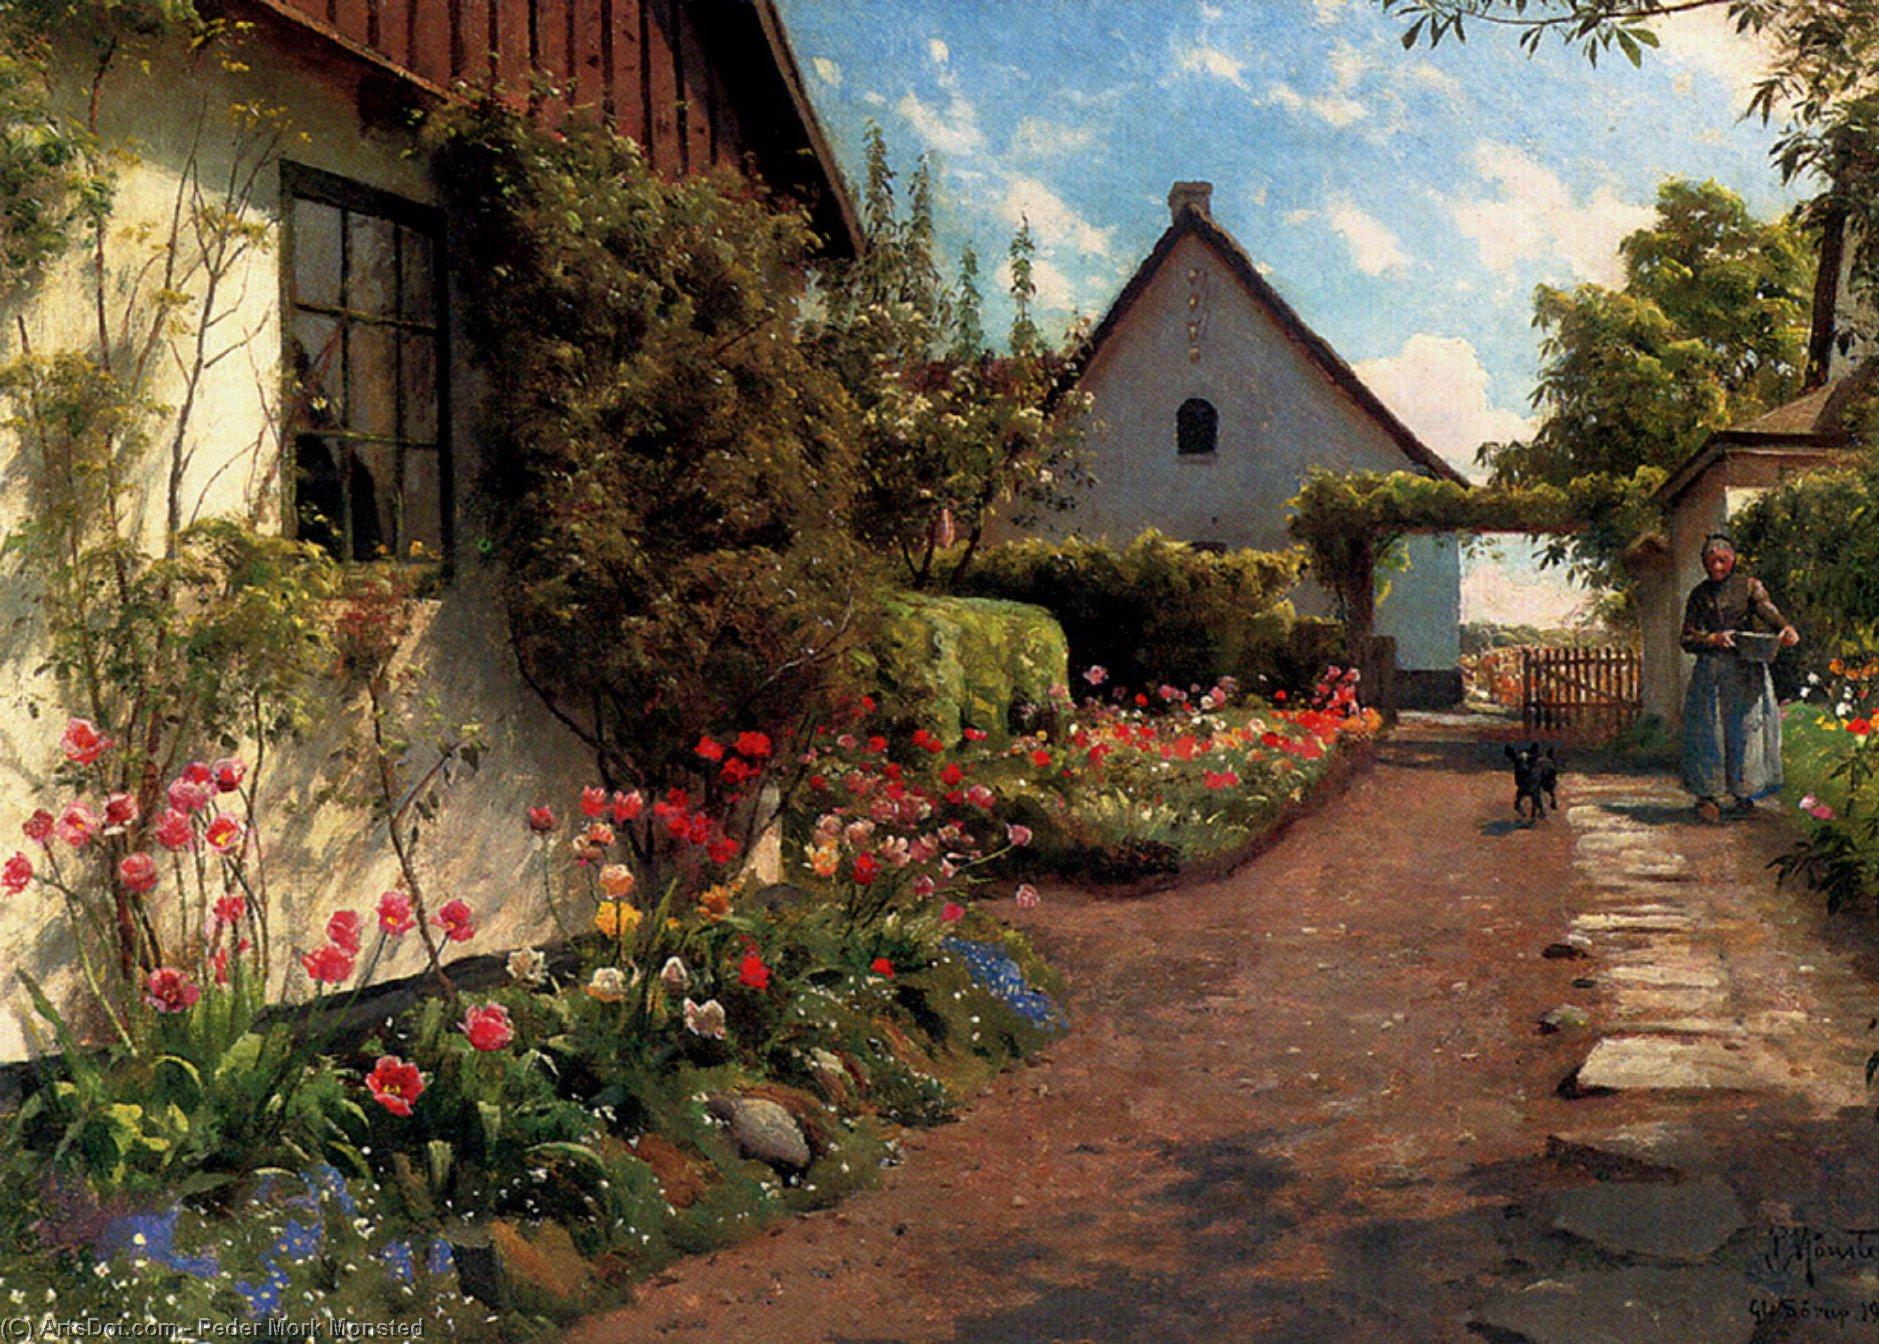 Peder_mork_monsted-in_the_garden.Jpg